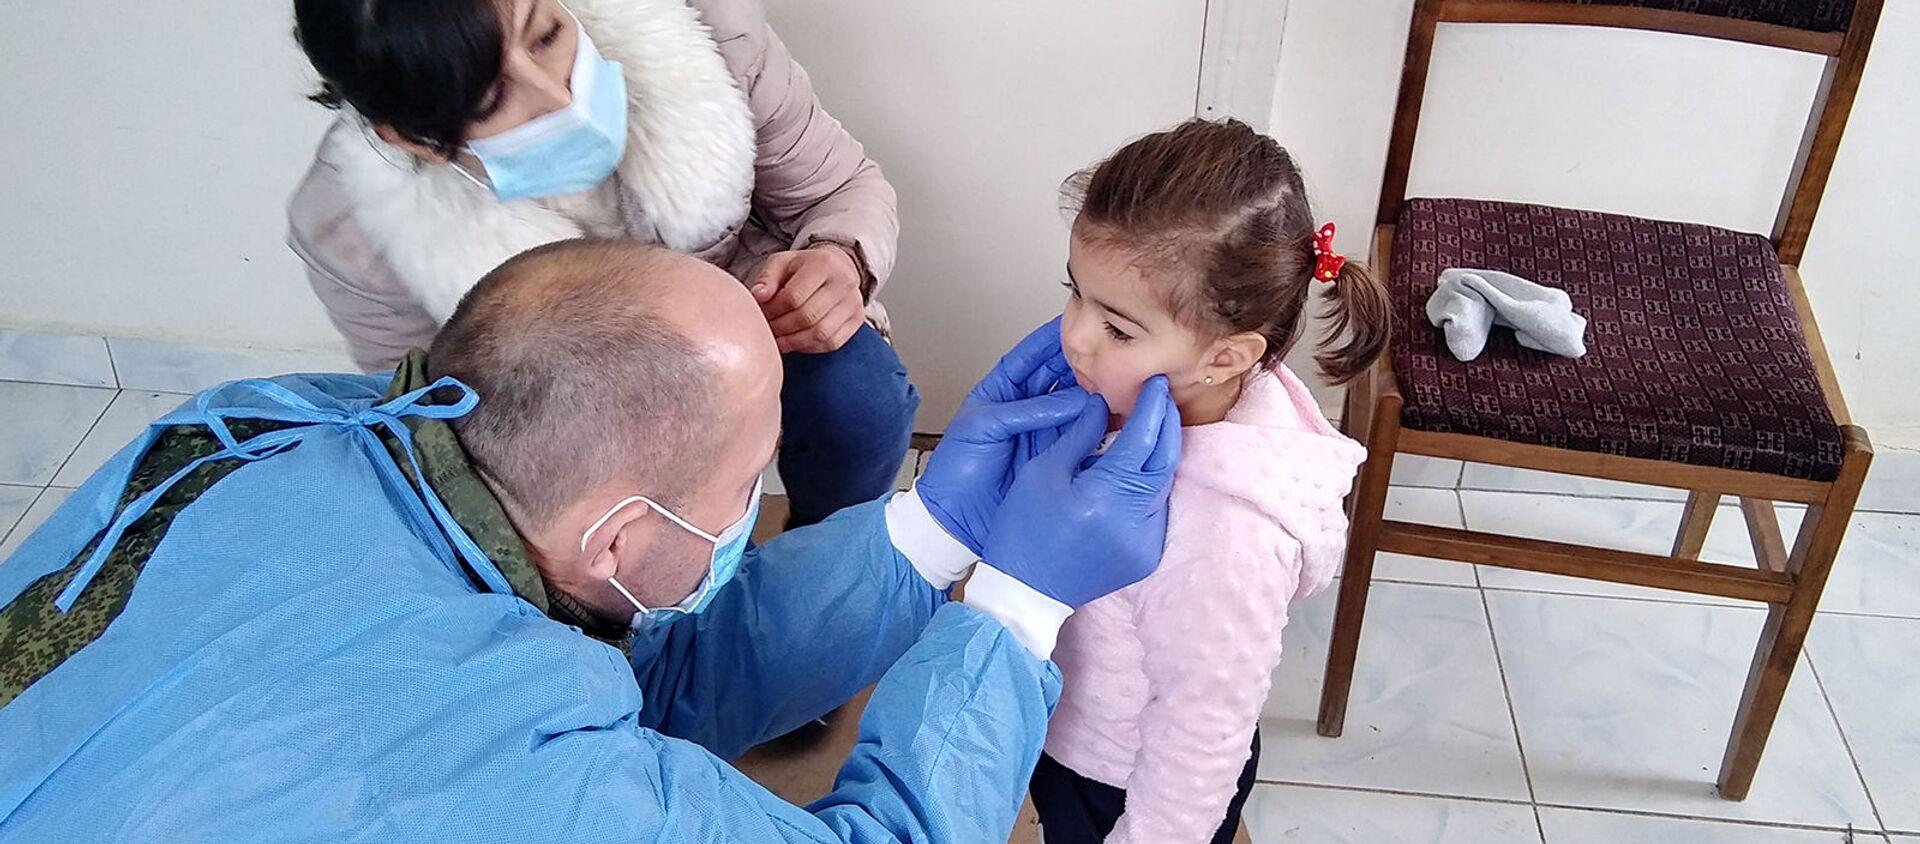 Врач российского миротворческого контингента осматривает юную пациентку в селе Хнапат Асекранского района - Sputnik Армения, 1920, 14.06.2021